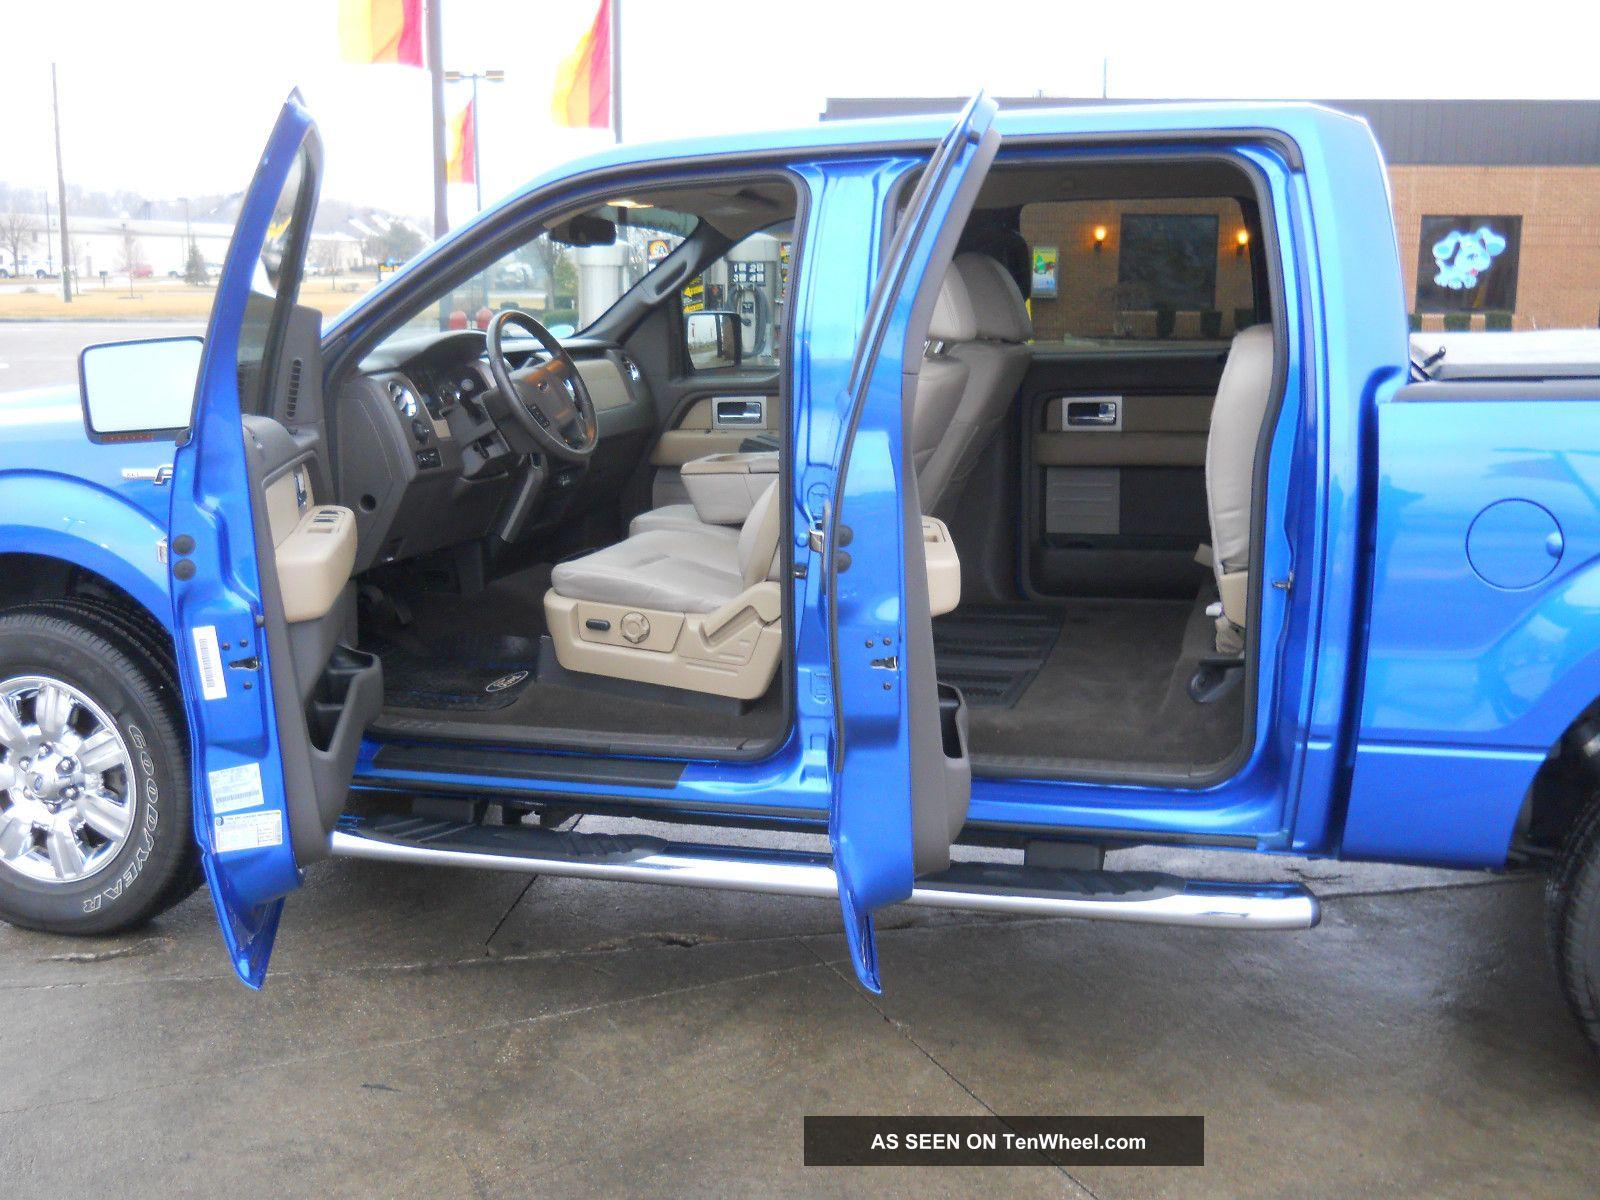 2010 ford f 150 xlt crew cab pickup 4 door only 20 900 best deal on ebay. Black Bedroom Furniture Sets. Home Design Ideas